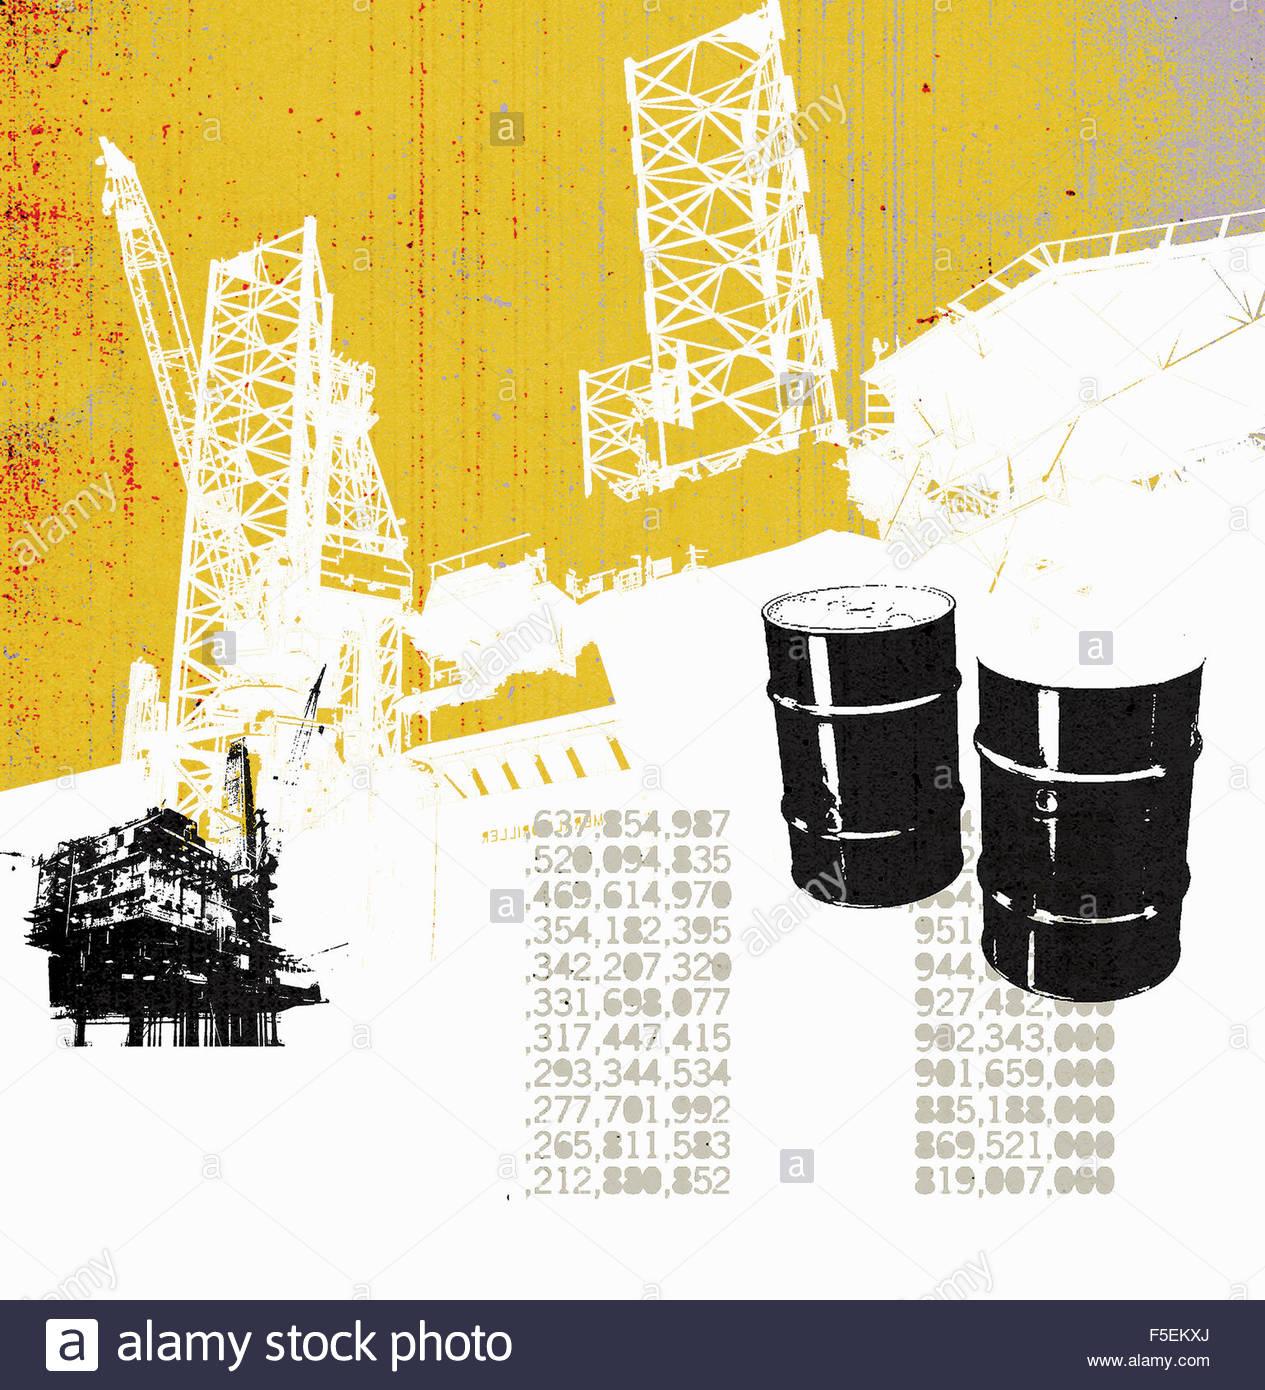 Barils de pétrole et la production de pétrole avec les prix des actions de la plate-forme Photo Stock